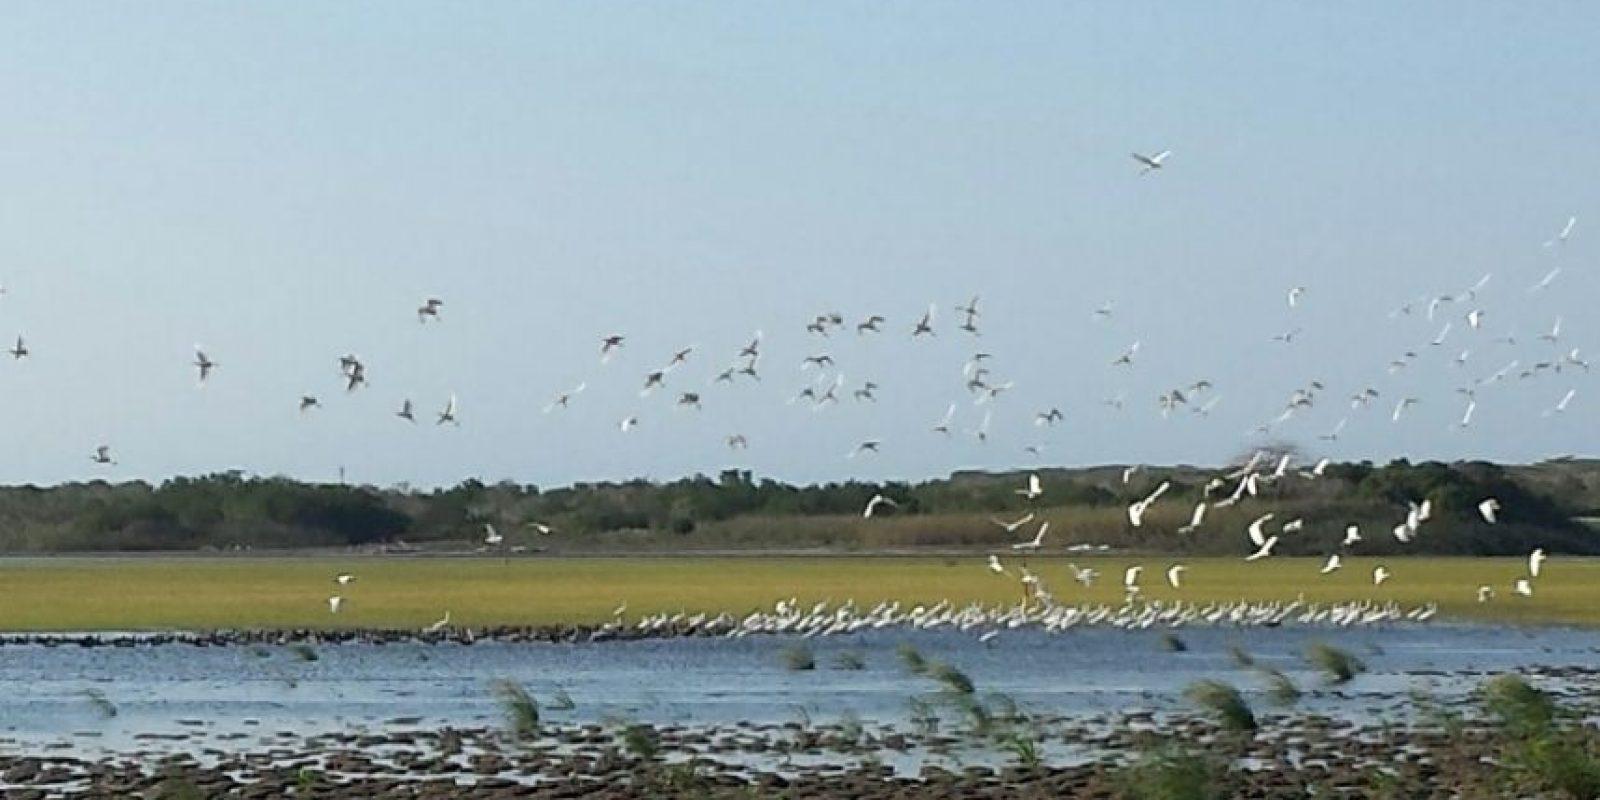 14 tipos de aves distintas, generalmente, podían ser avistadas antes de que el lago se secara. Hoy, los habitantes de la zona ven como un milagro su regreso. Foto:Lina Robles